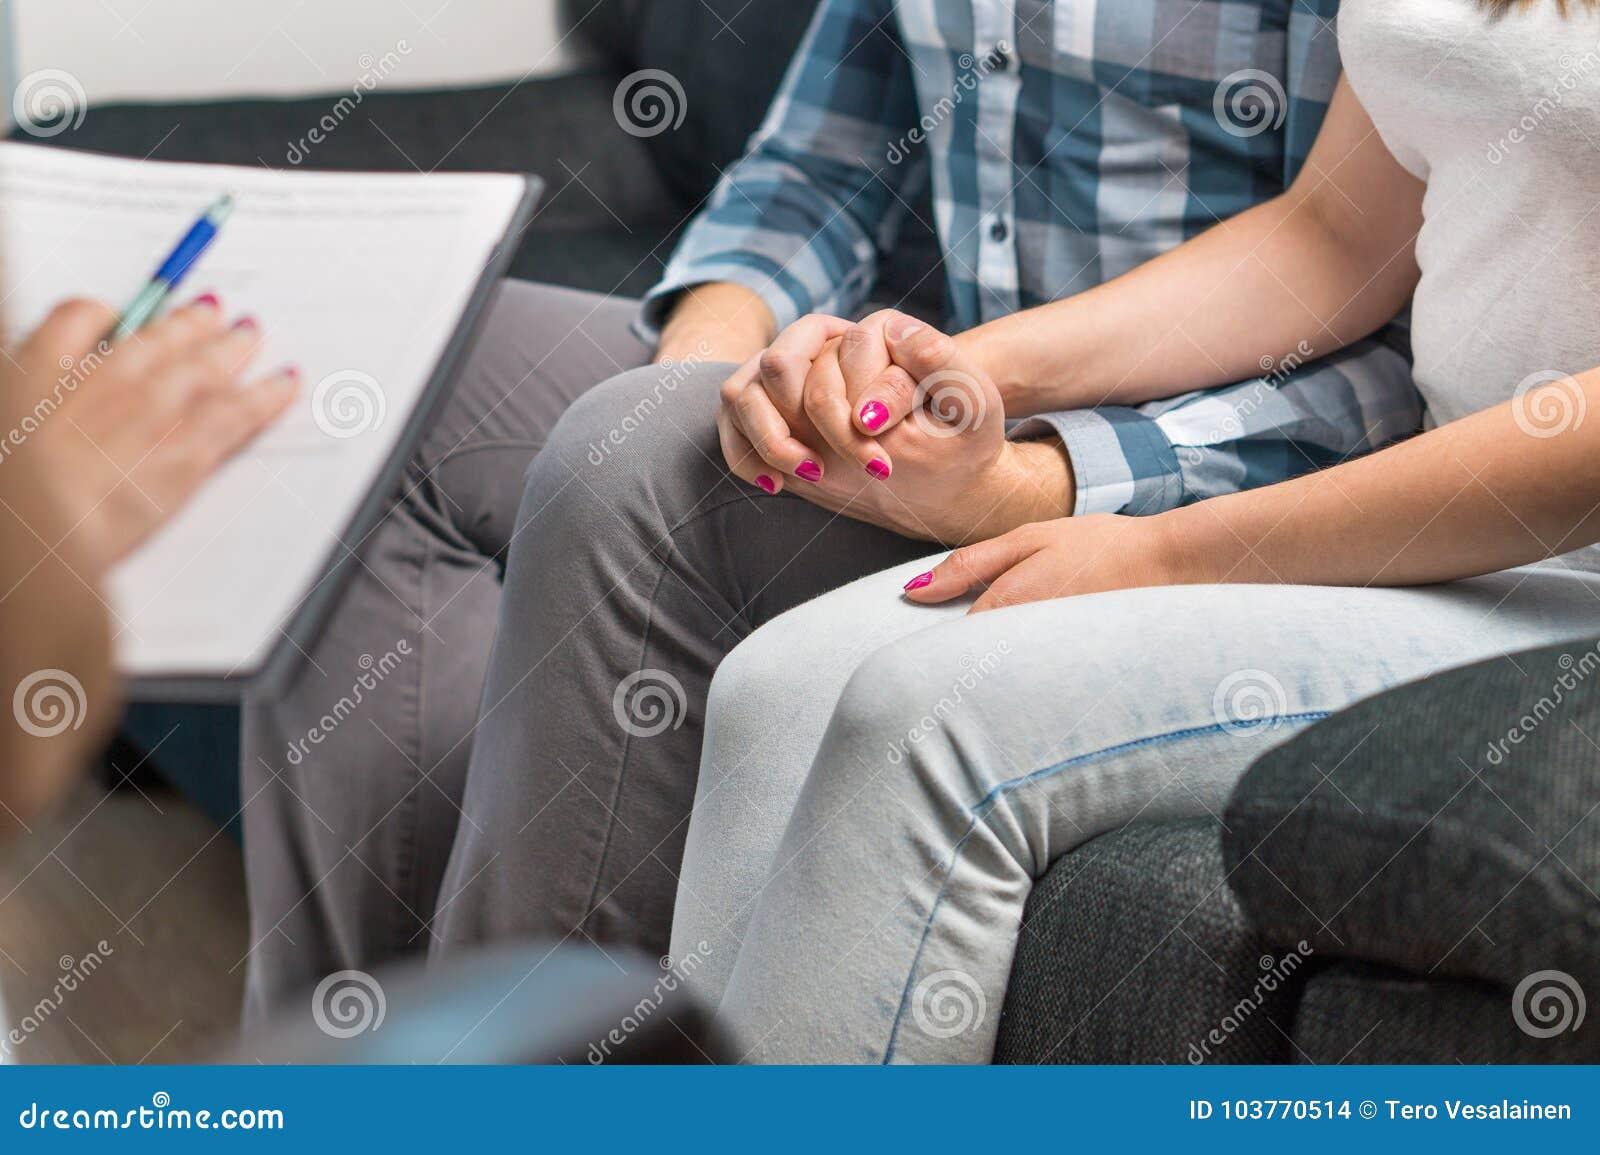 Parterapi eller förbindelserådgivning